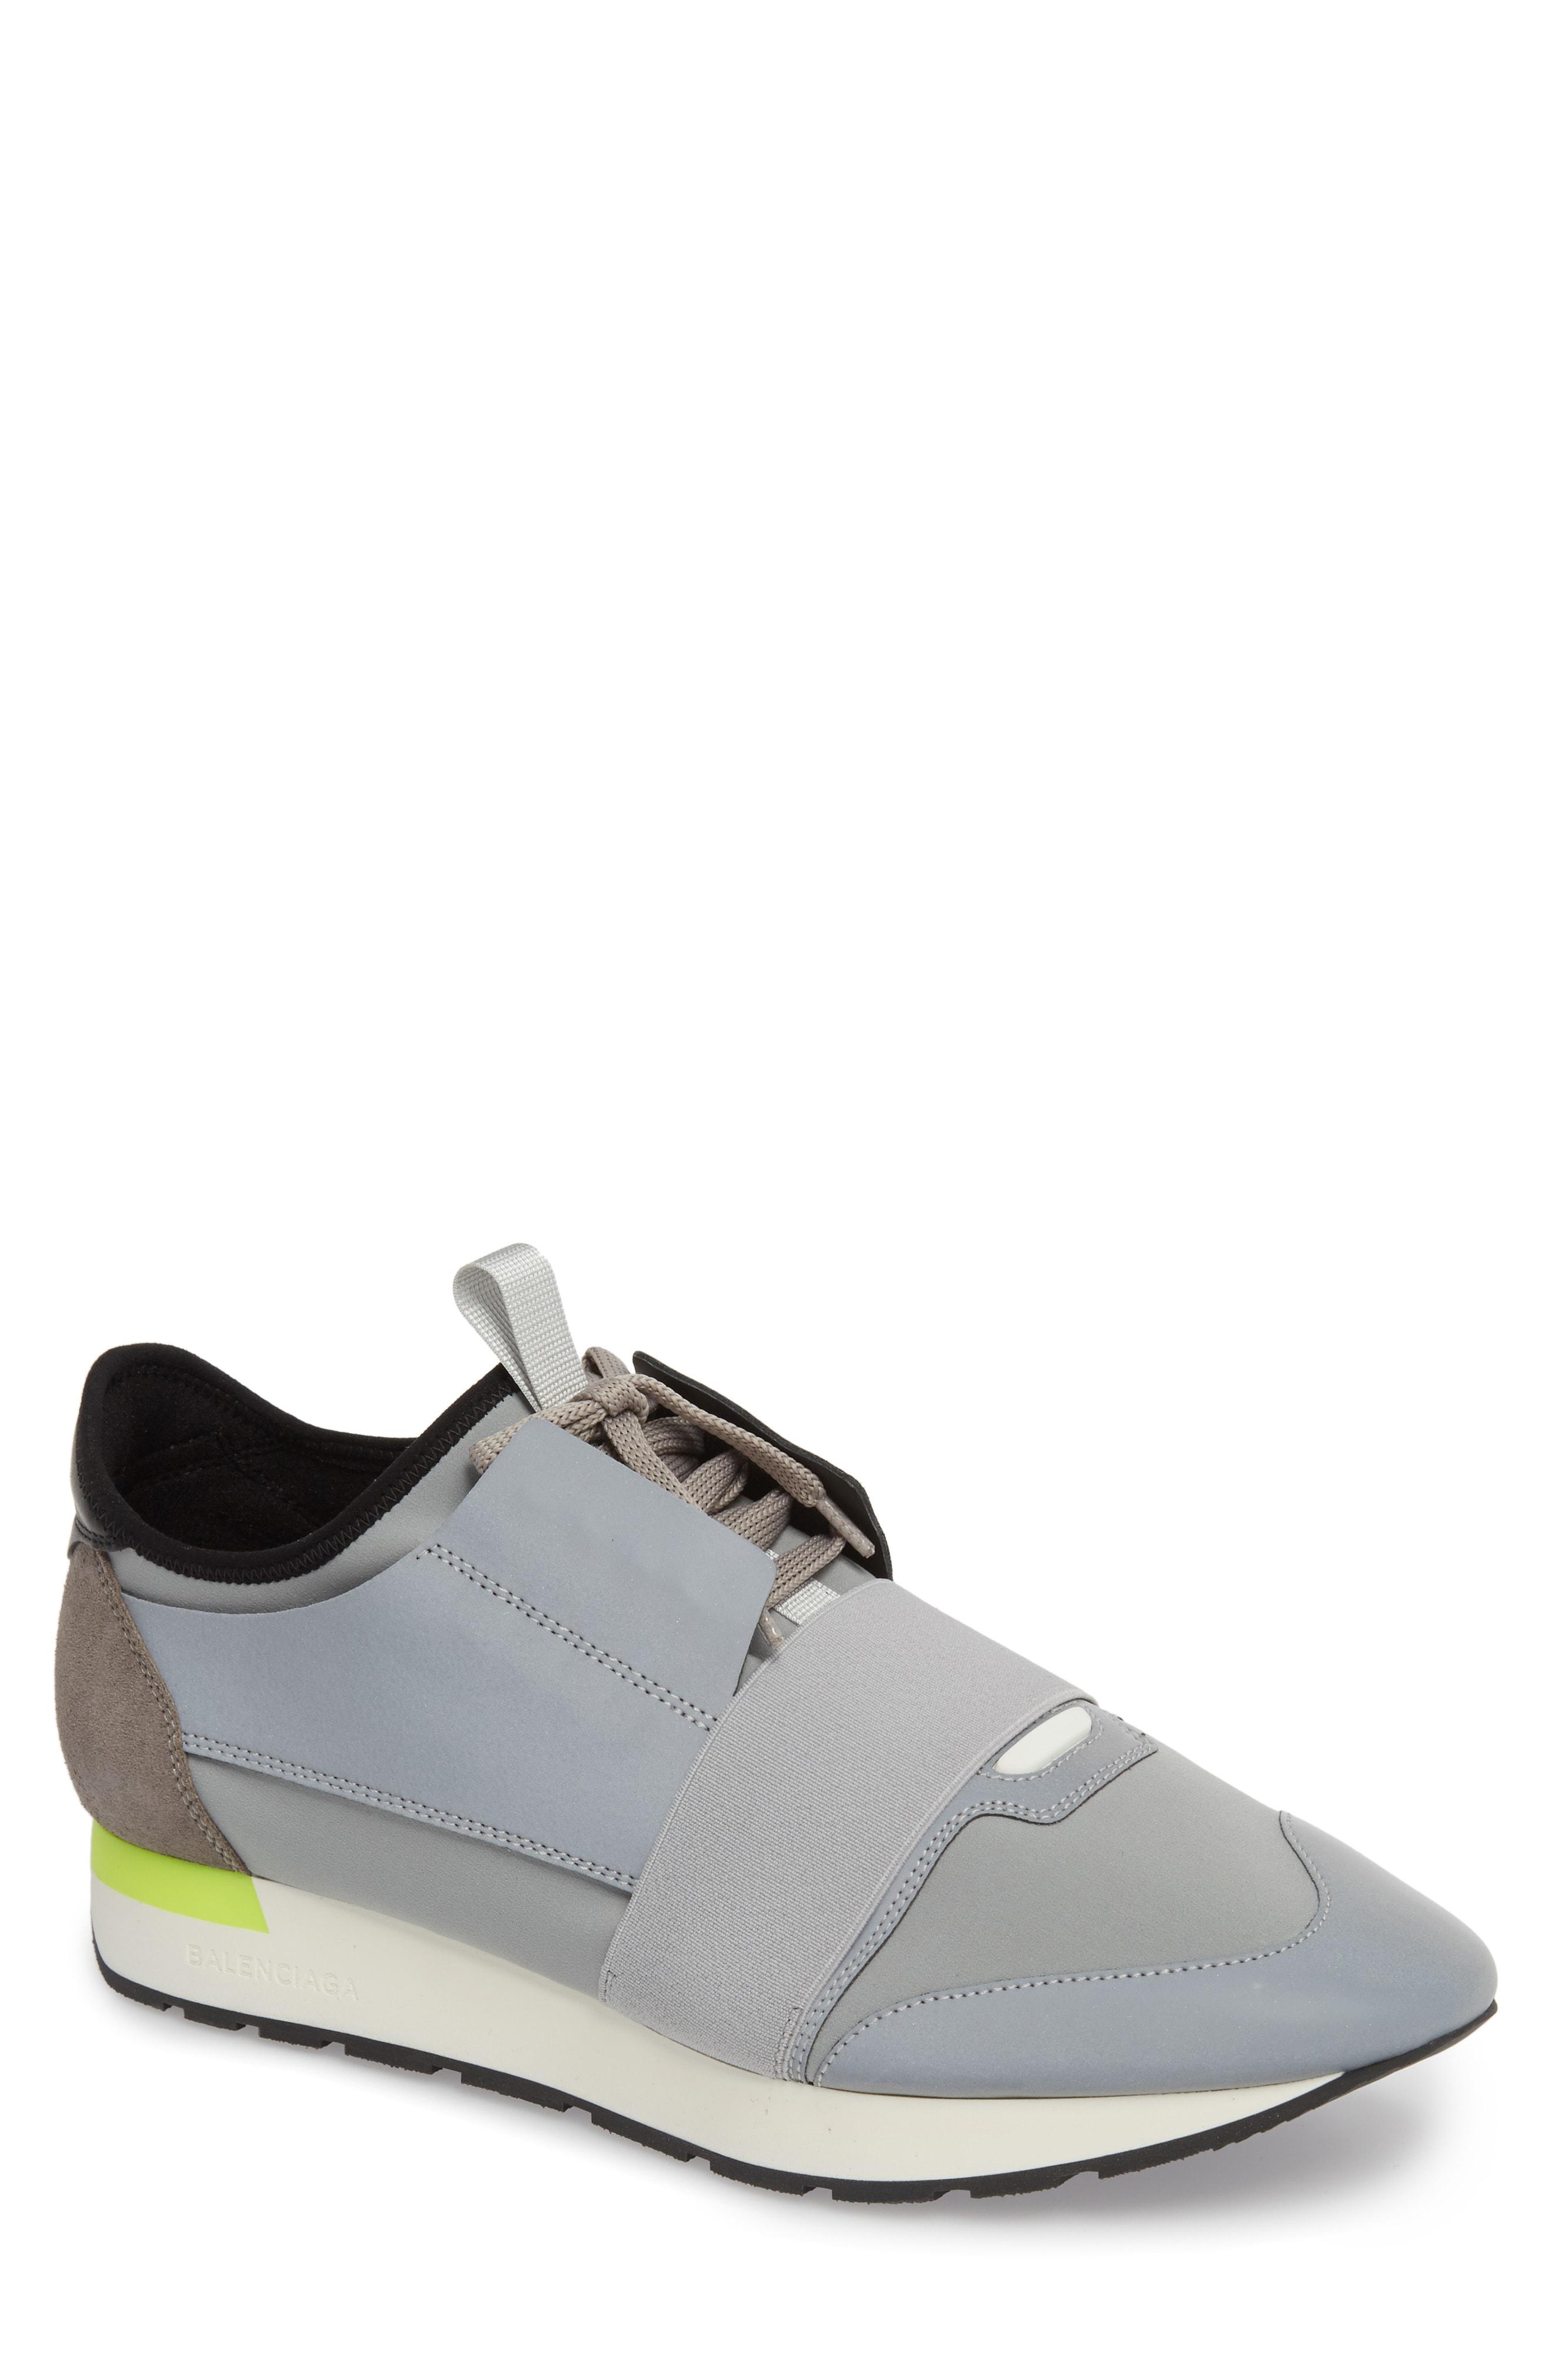 2b2c70326a76e Balenciaga Men s Reflective Race Runner Mesh   Leather Sneakers ...